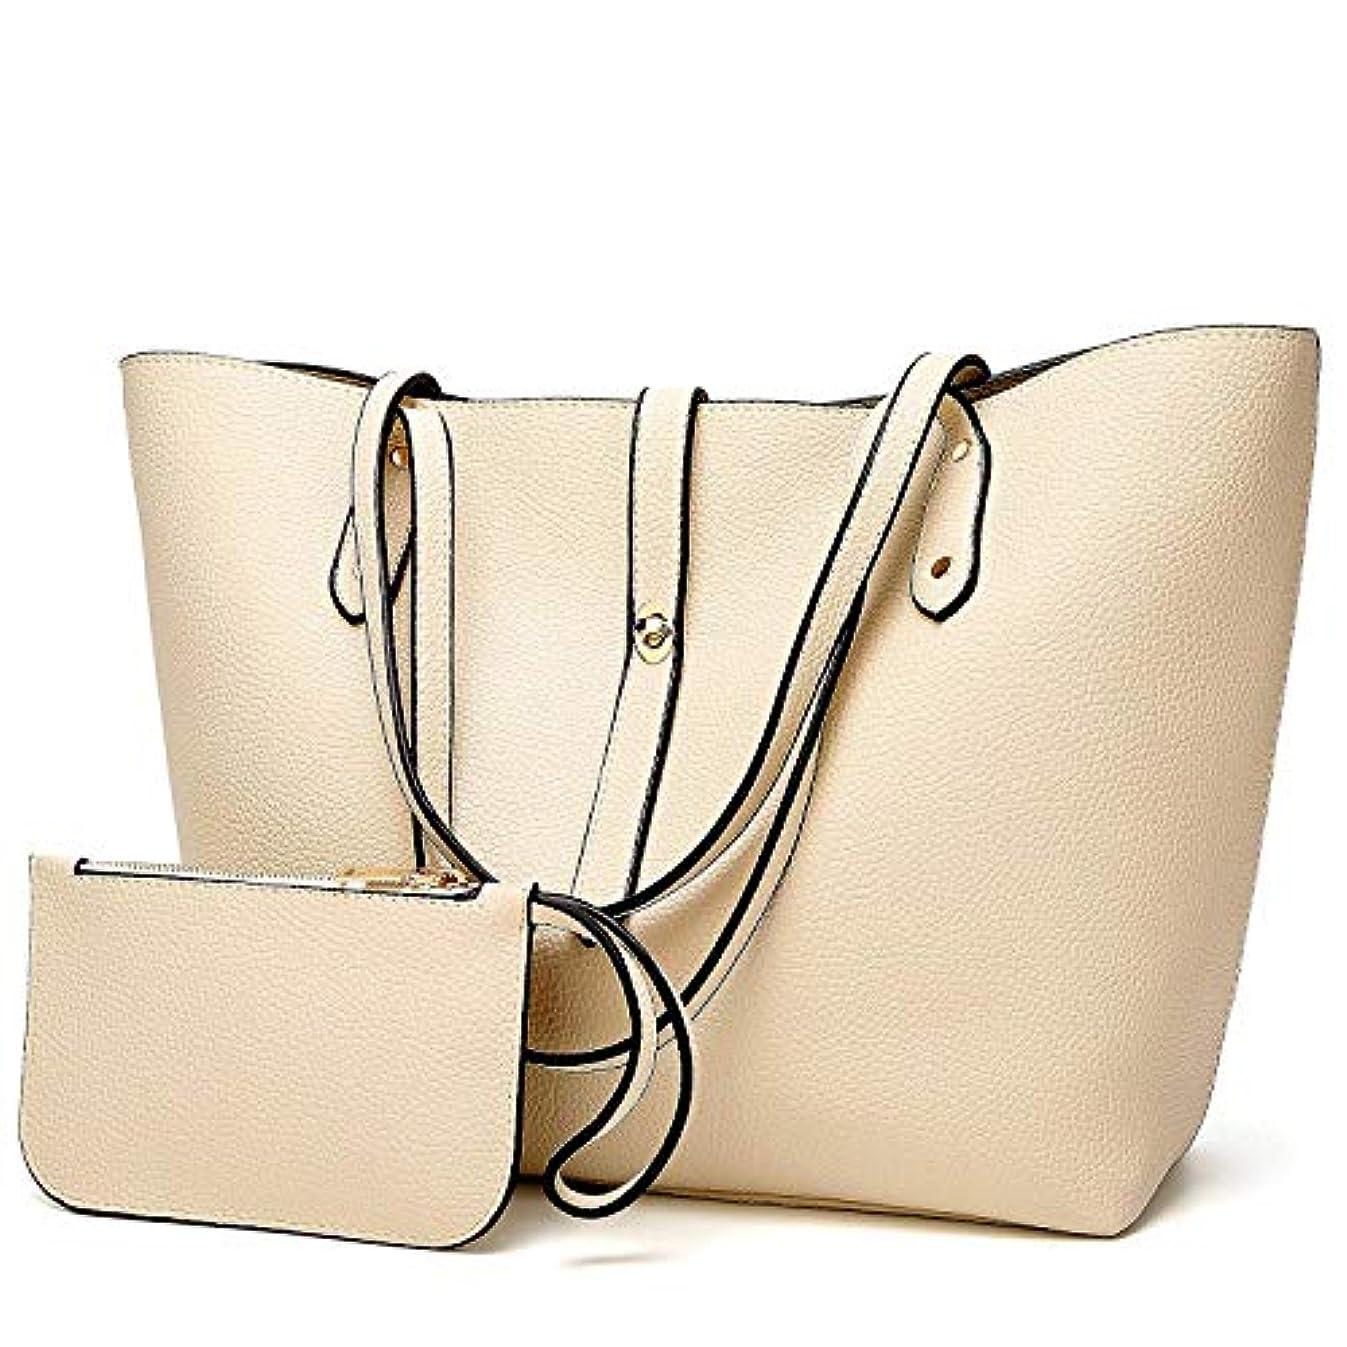 求めるパンサースコア[TcIFE] ハンドバッグ レディース トートバッグ 大容量 無地 ショルダーバッグ 2way 財布とハンドバッグ